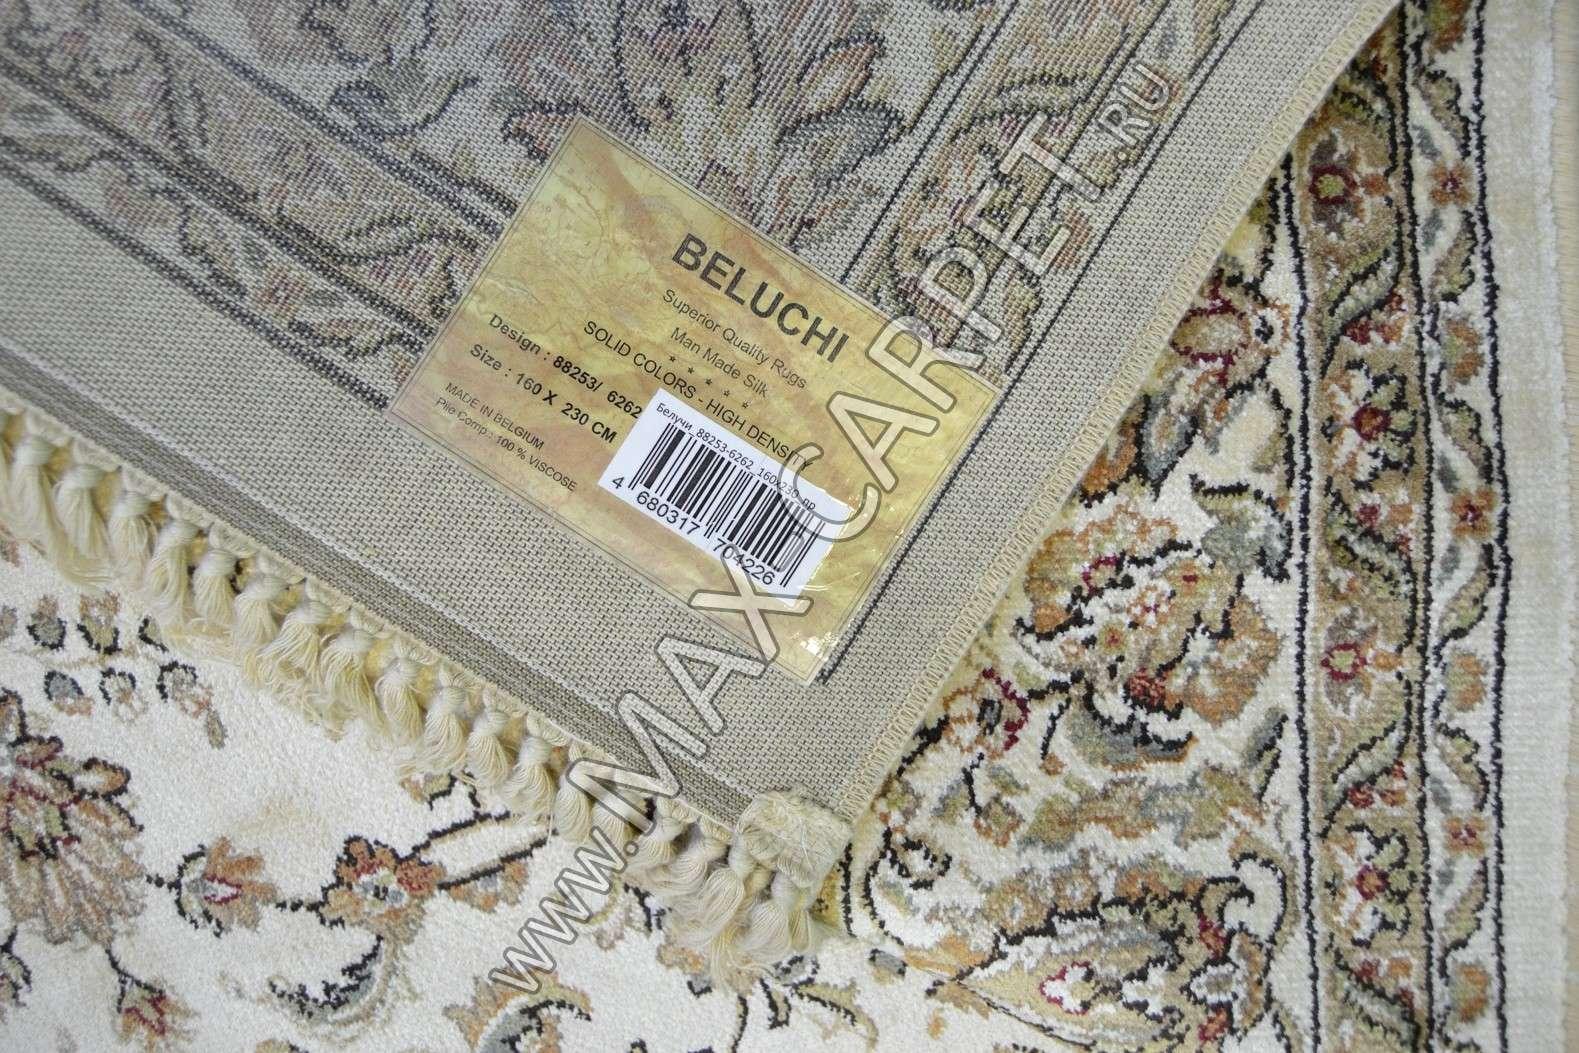 Бельгийский ковер из вискозы Ragolle Beluchi 88253 6262